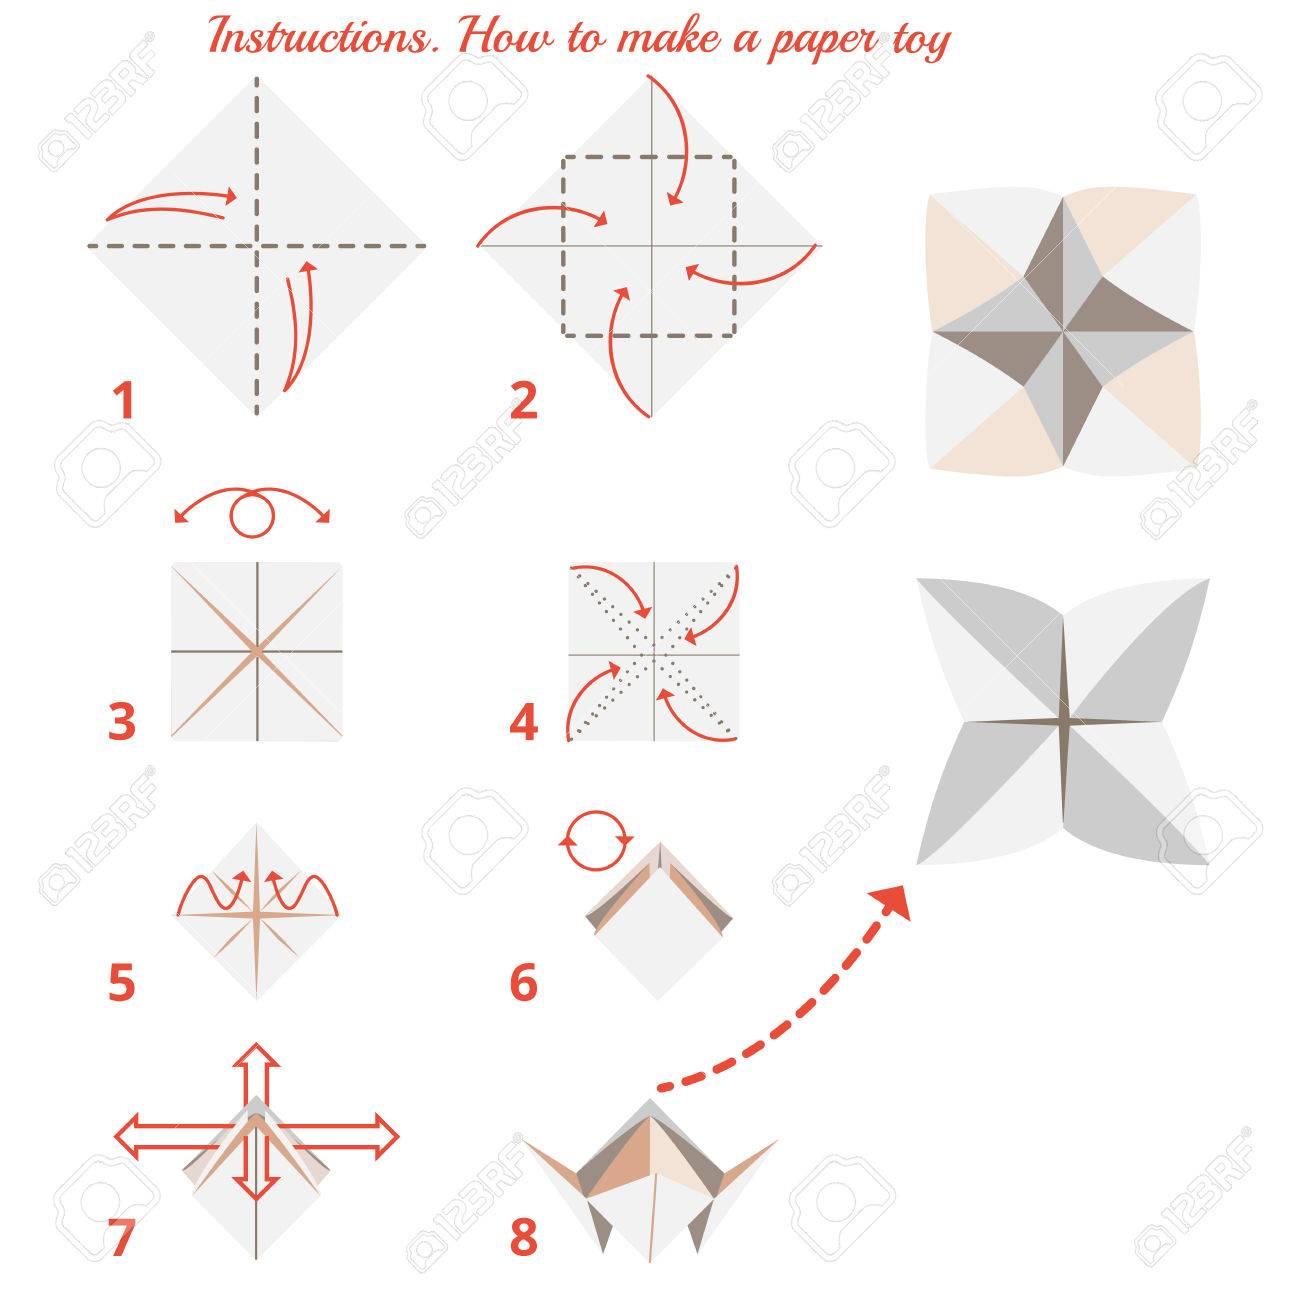 Instrucciones De Cómo Hacer Juguete Origami Papel Origami Tutorial Paso A Paso Vector Origami Juego Educativo Para Los Niños Juego Visual